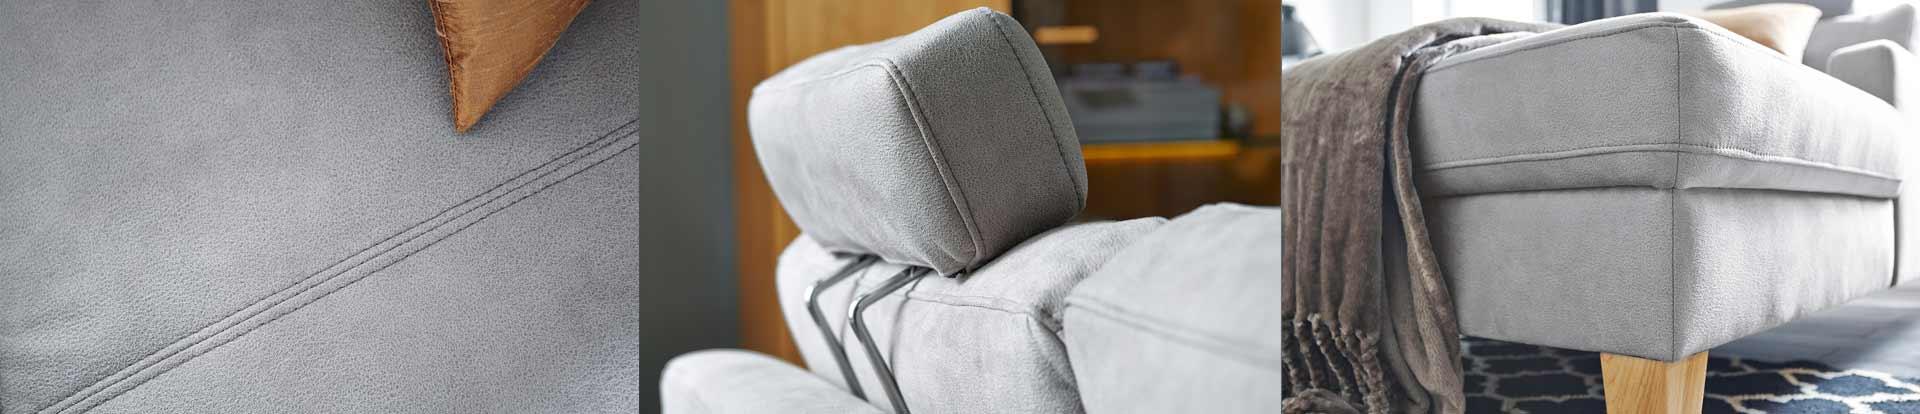 natura serina von natura einrichten in moormerland ot. Black Bedroom Furniture Sets. Home Design Ideas